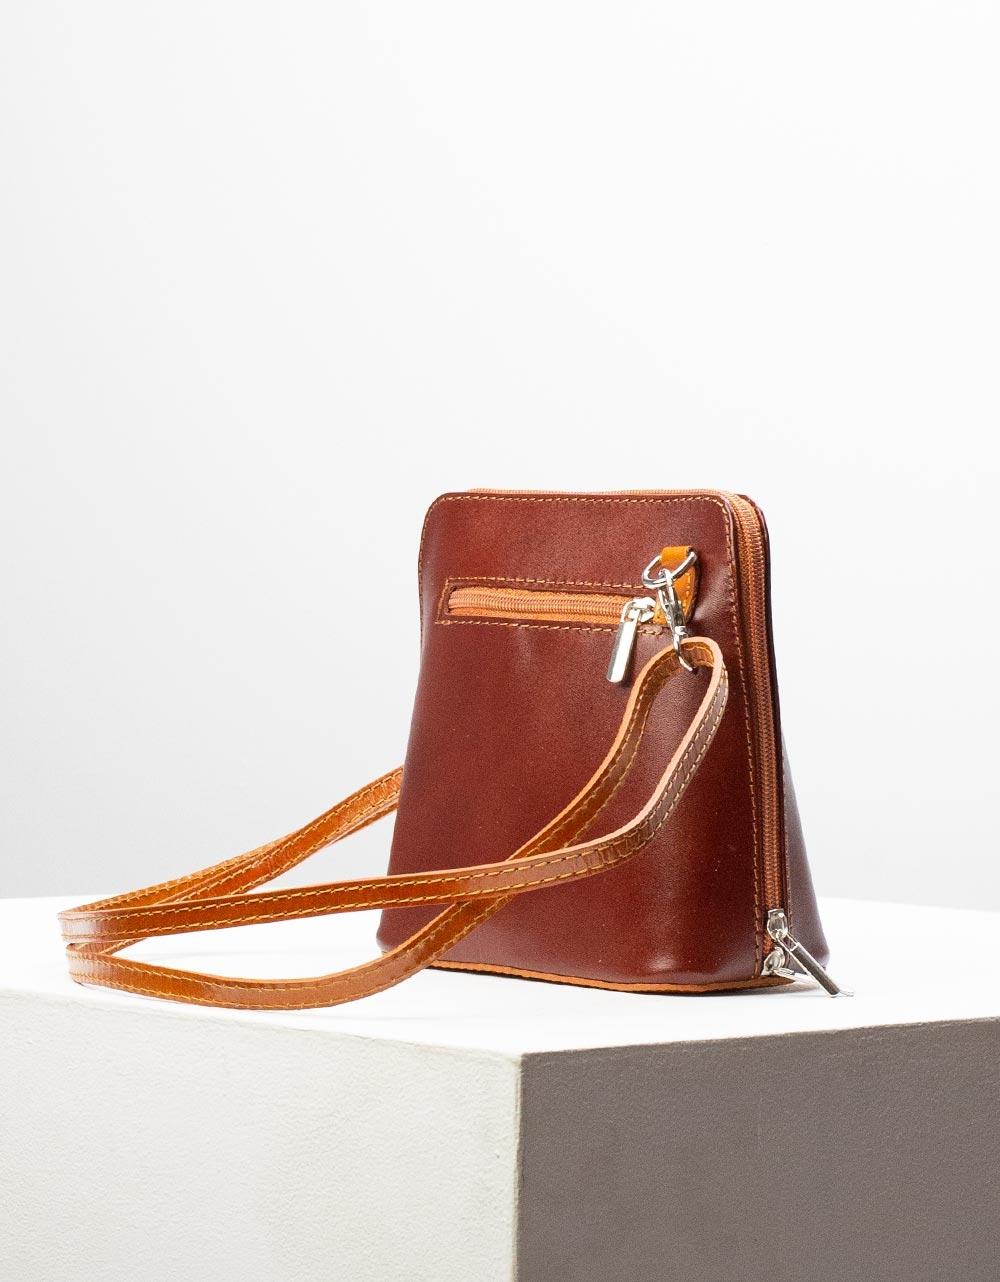 Εικόνα από Γυναικεία τσάντα ώμου γνήσιο δέρμα μονόχρωμη Καφέ